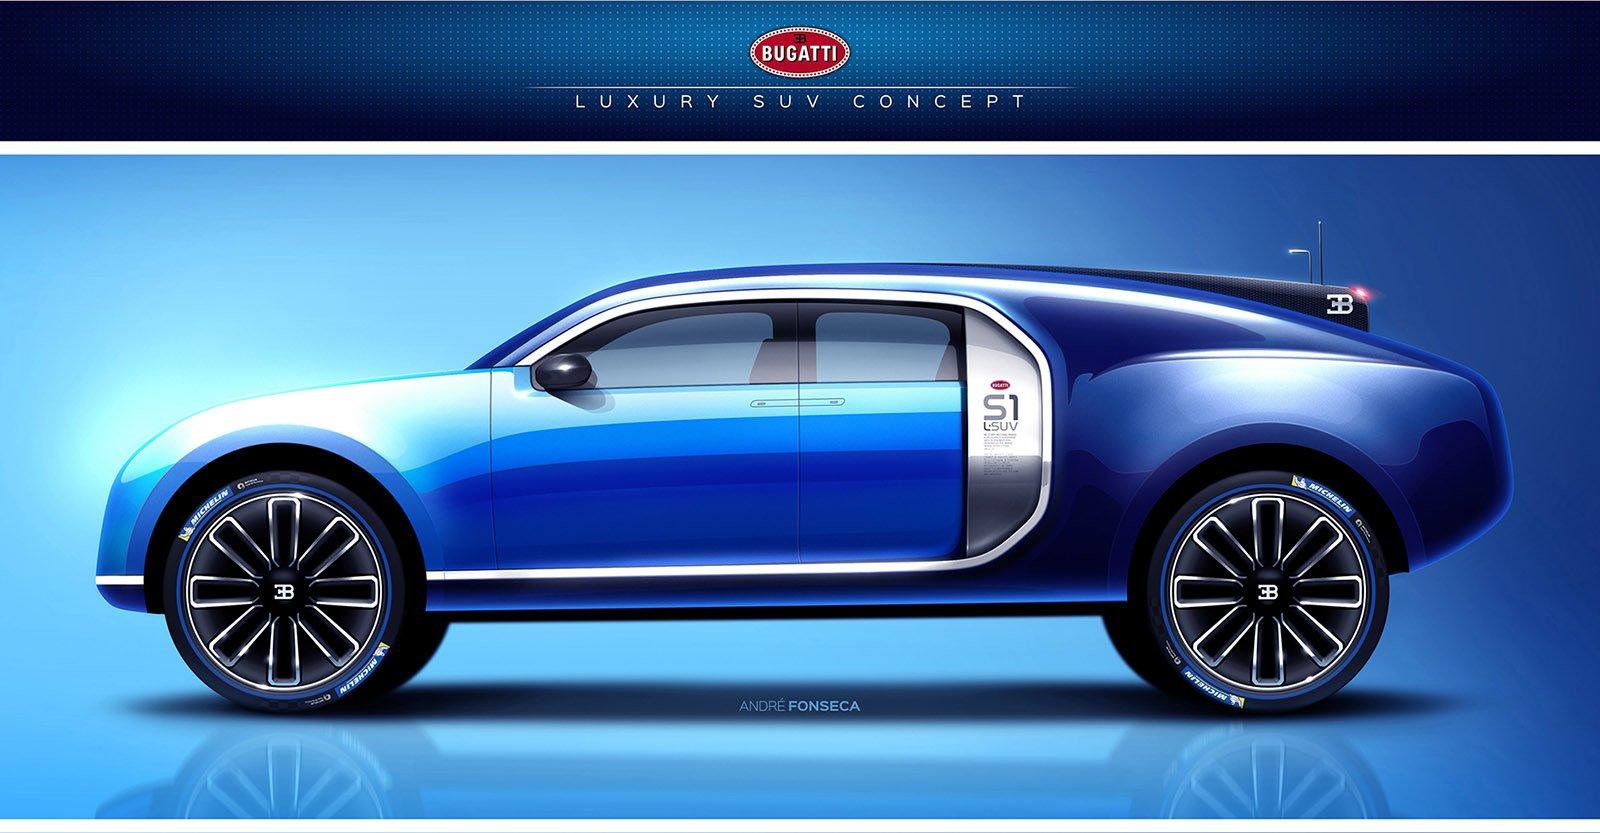 Bugatti SUV render 2 | Arabs Auto